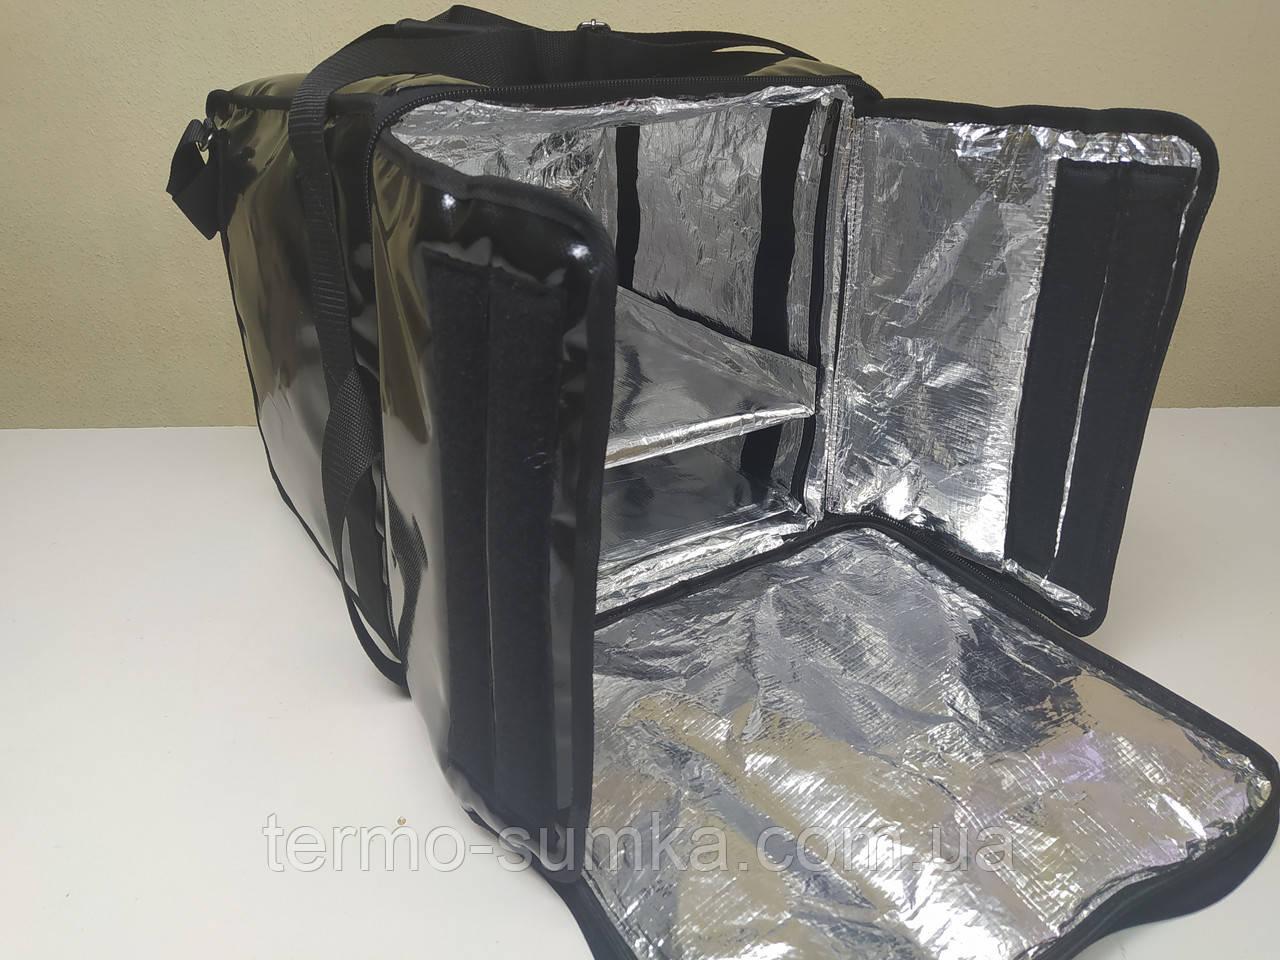 Каркасная термосумка  для доставки пиццы, еды, суши с полочкой из ПВХ ткани. Застежка молния. Чёрная